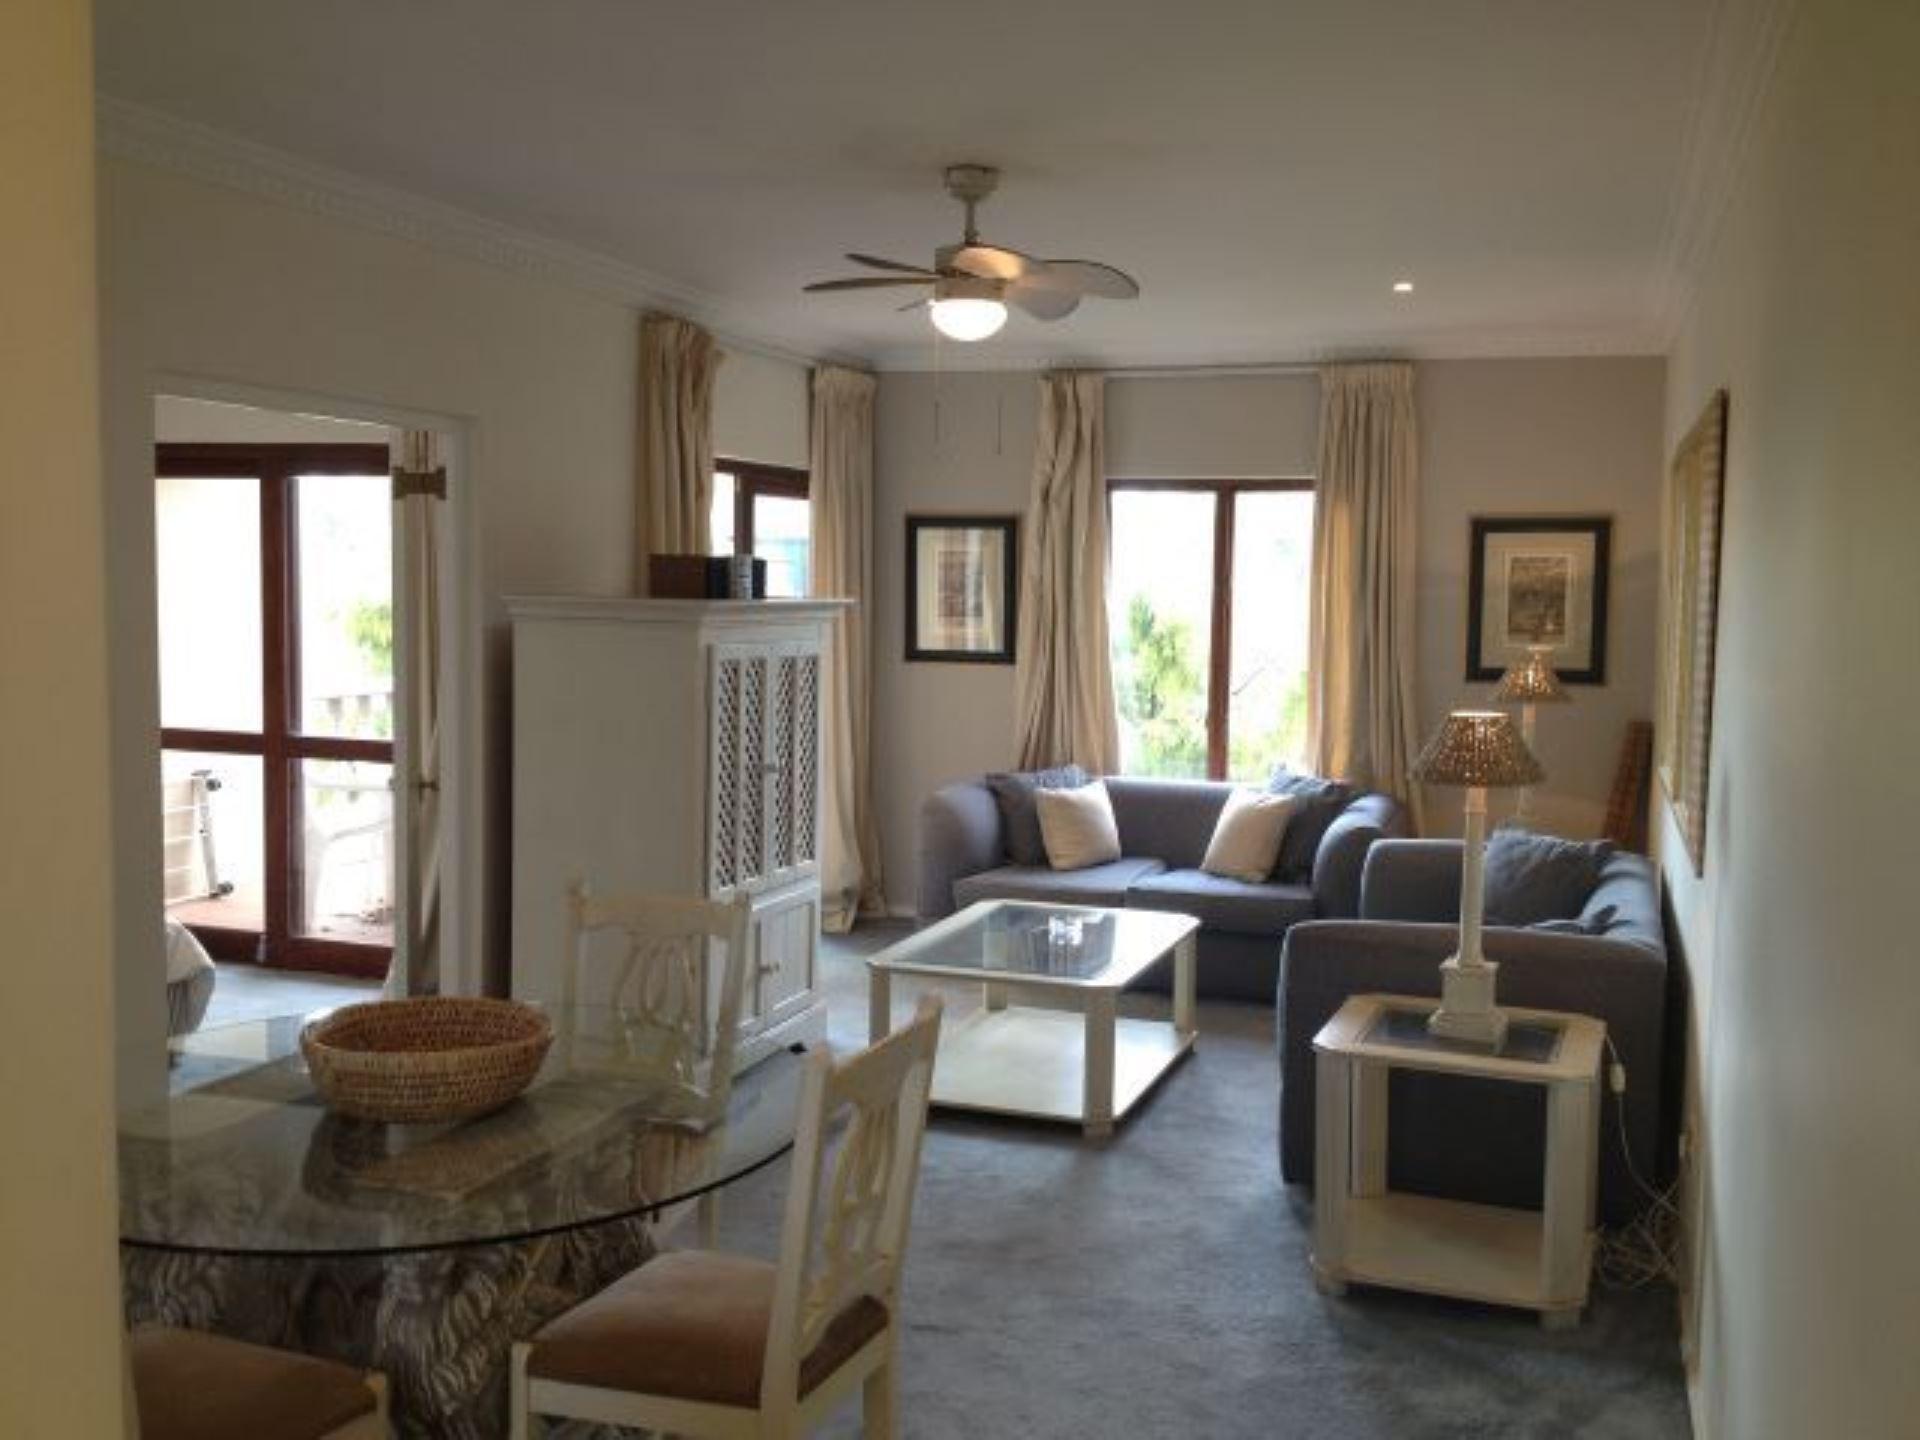 Apartment Rental Monthly in BENMORE GARDENS